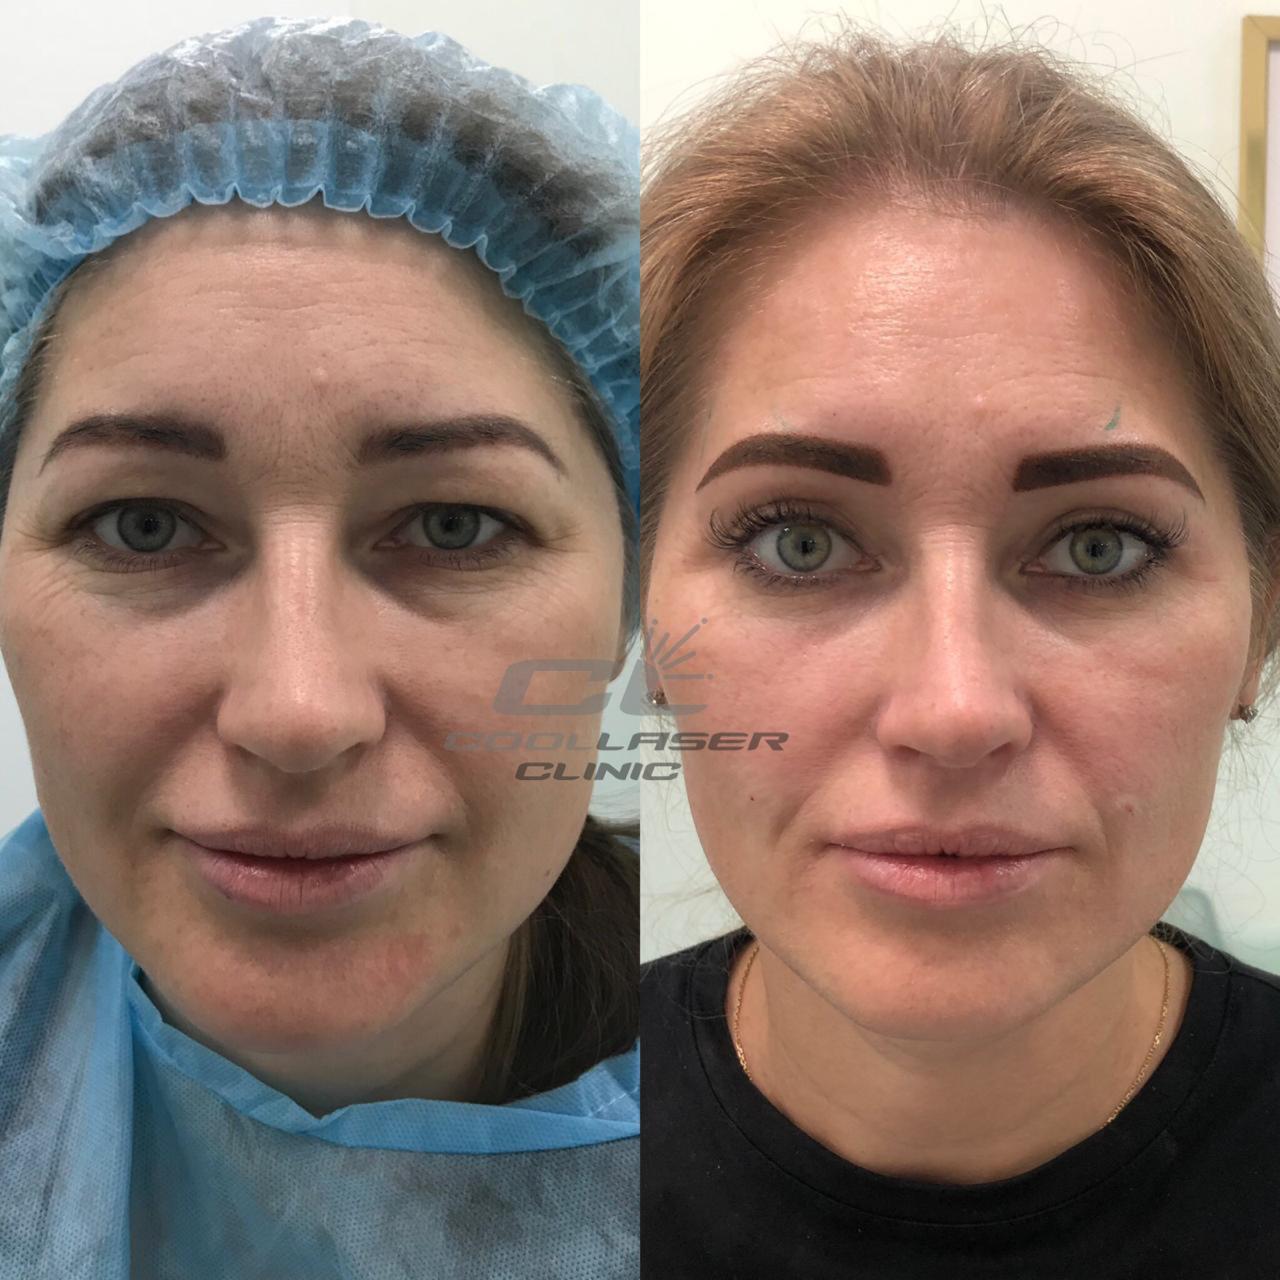 Операция блефаропластики до и после